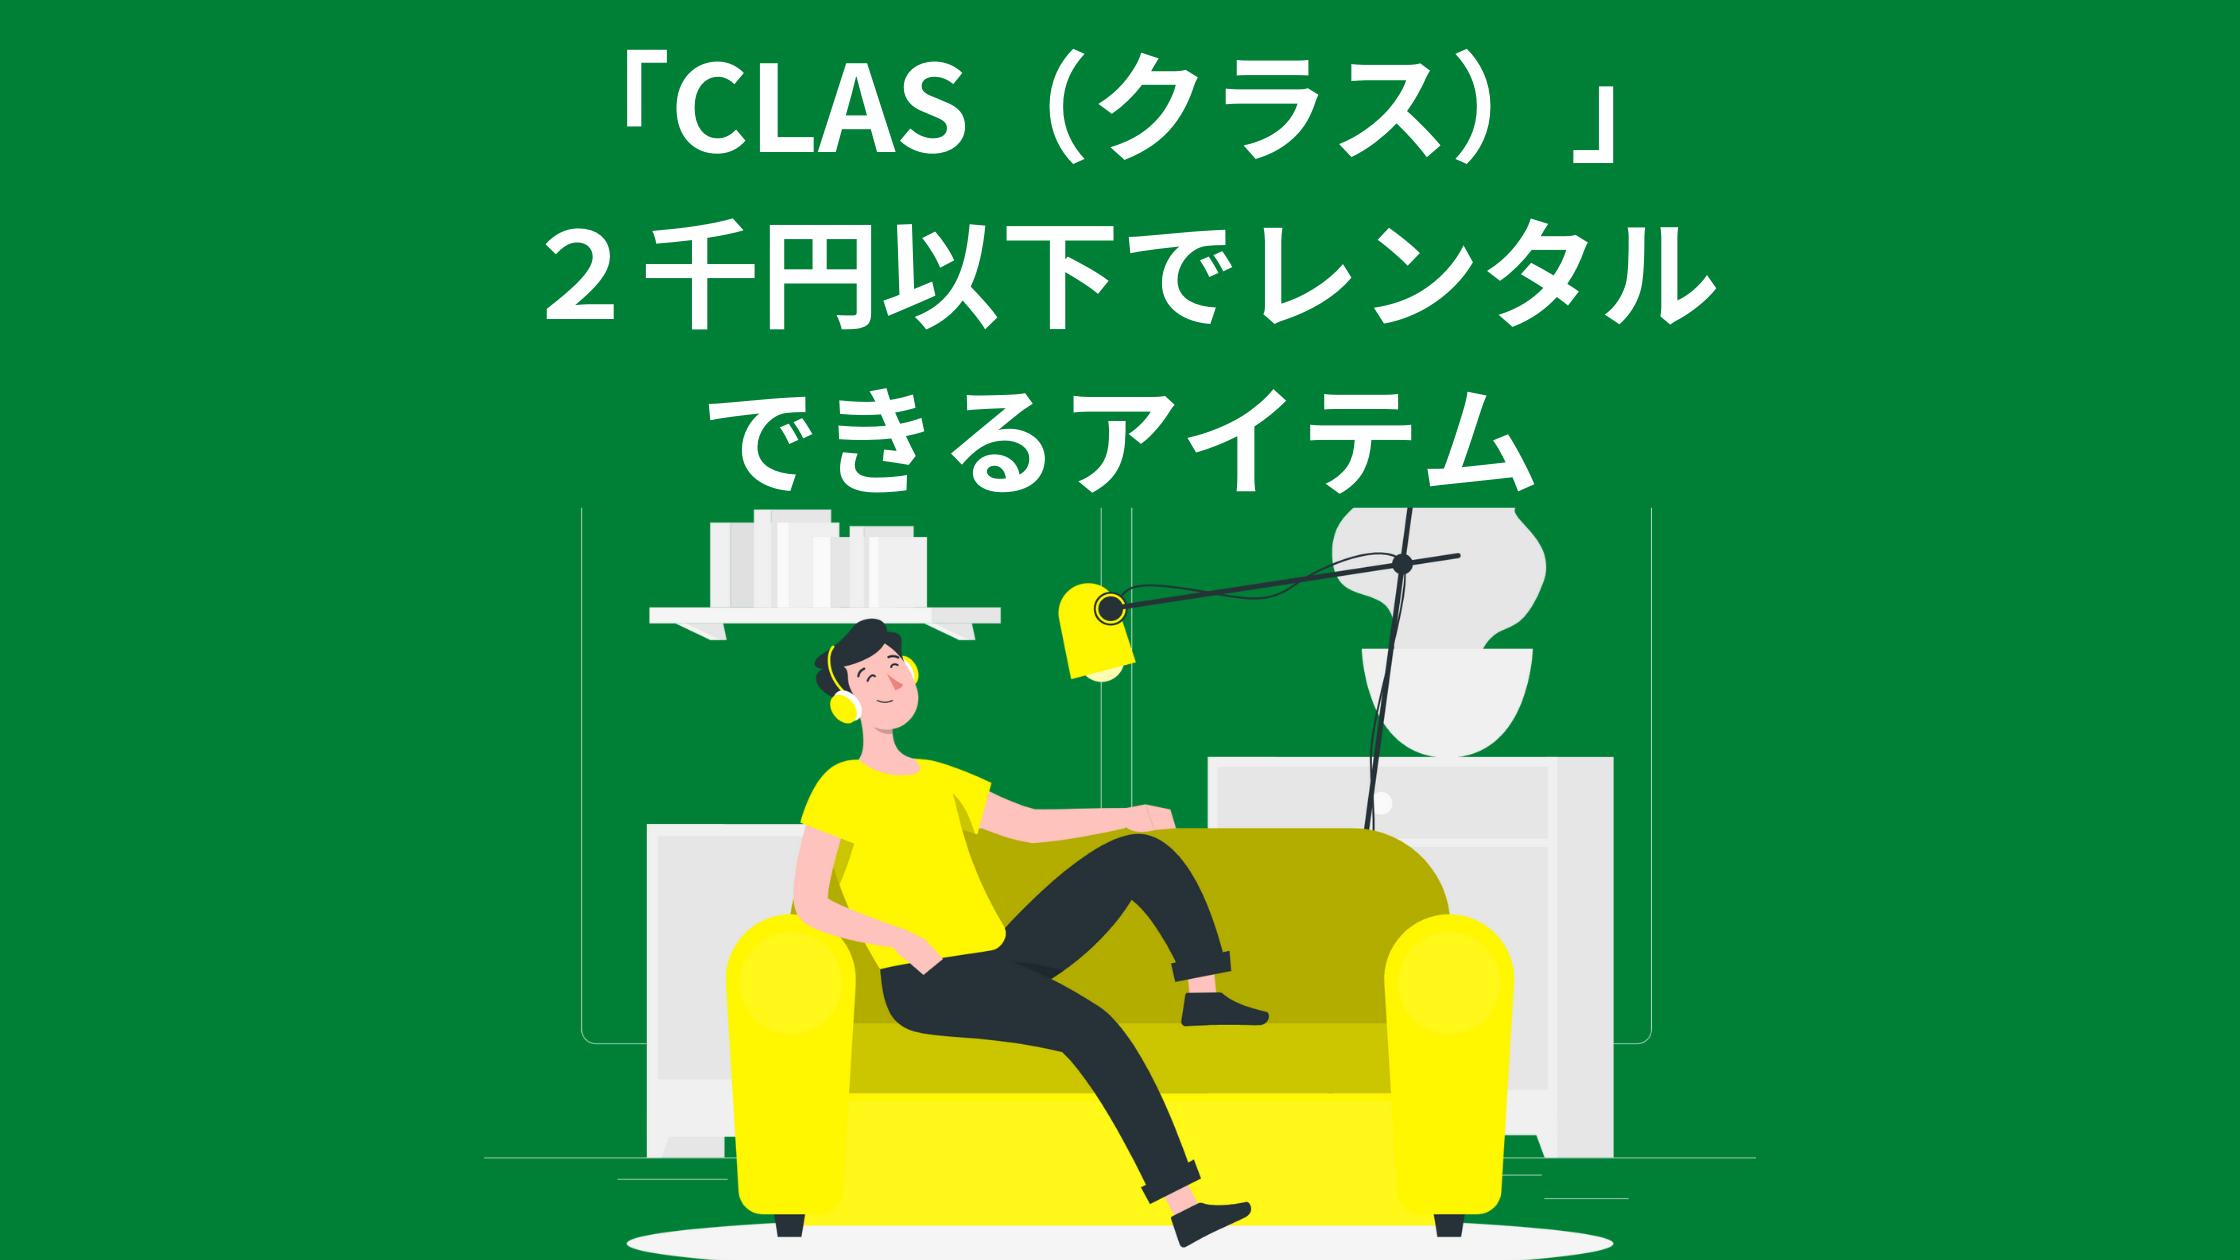 「CLAS(クラス)」 2千円以下でレンタル できるアイテム